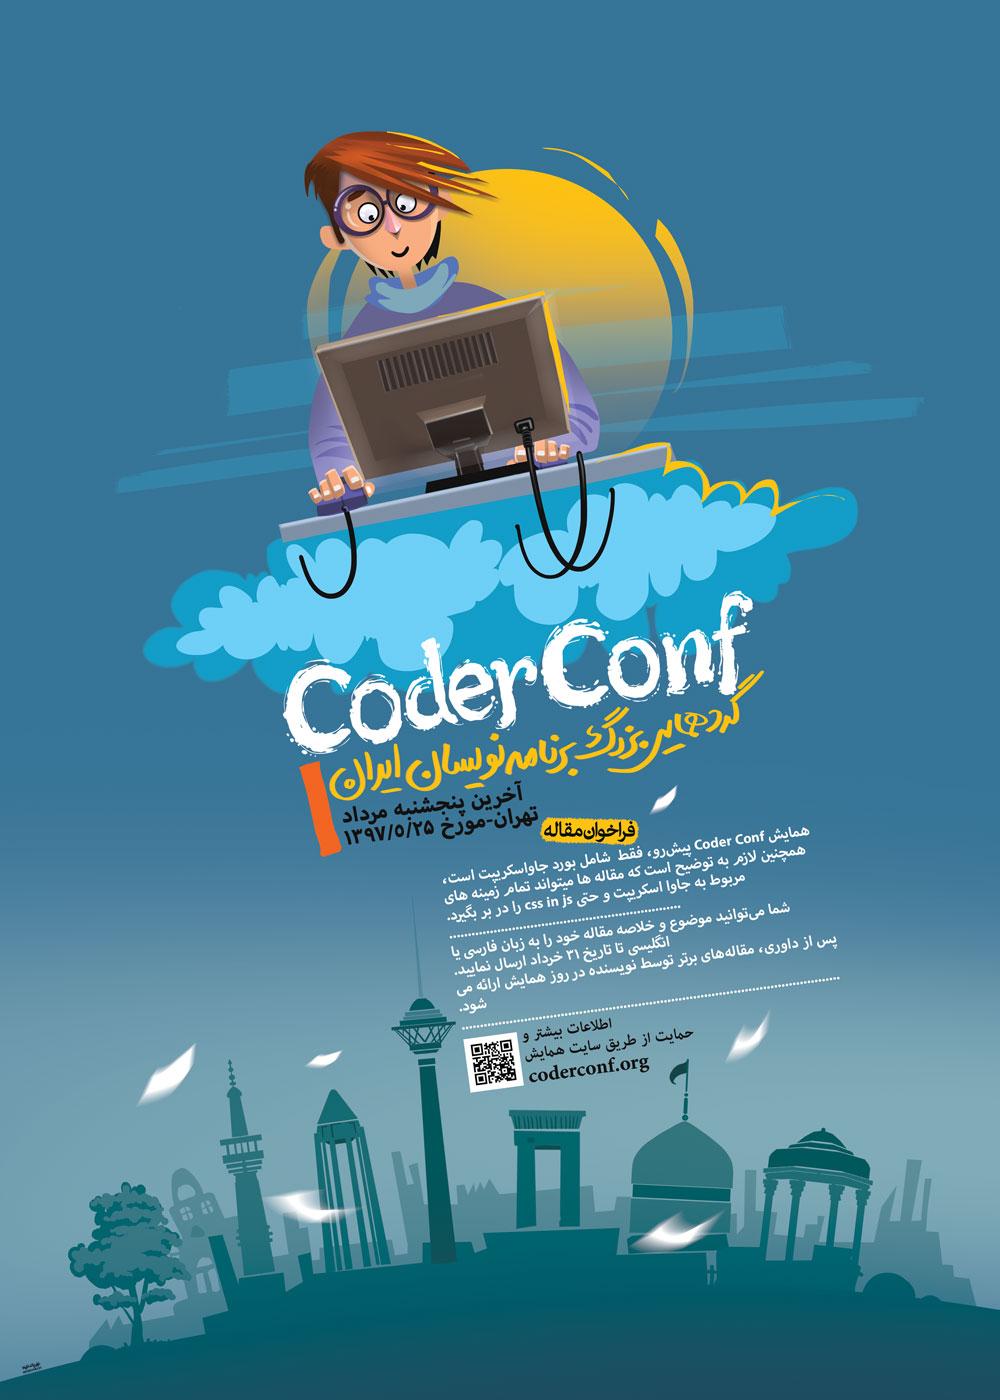 پوستر برگزاری کدرکانف 4 - CoderConf 4